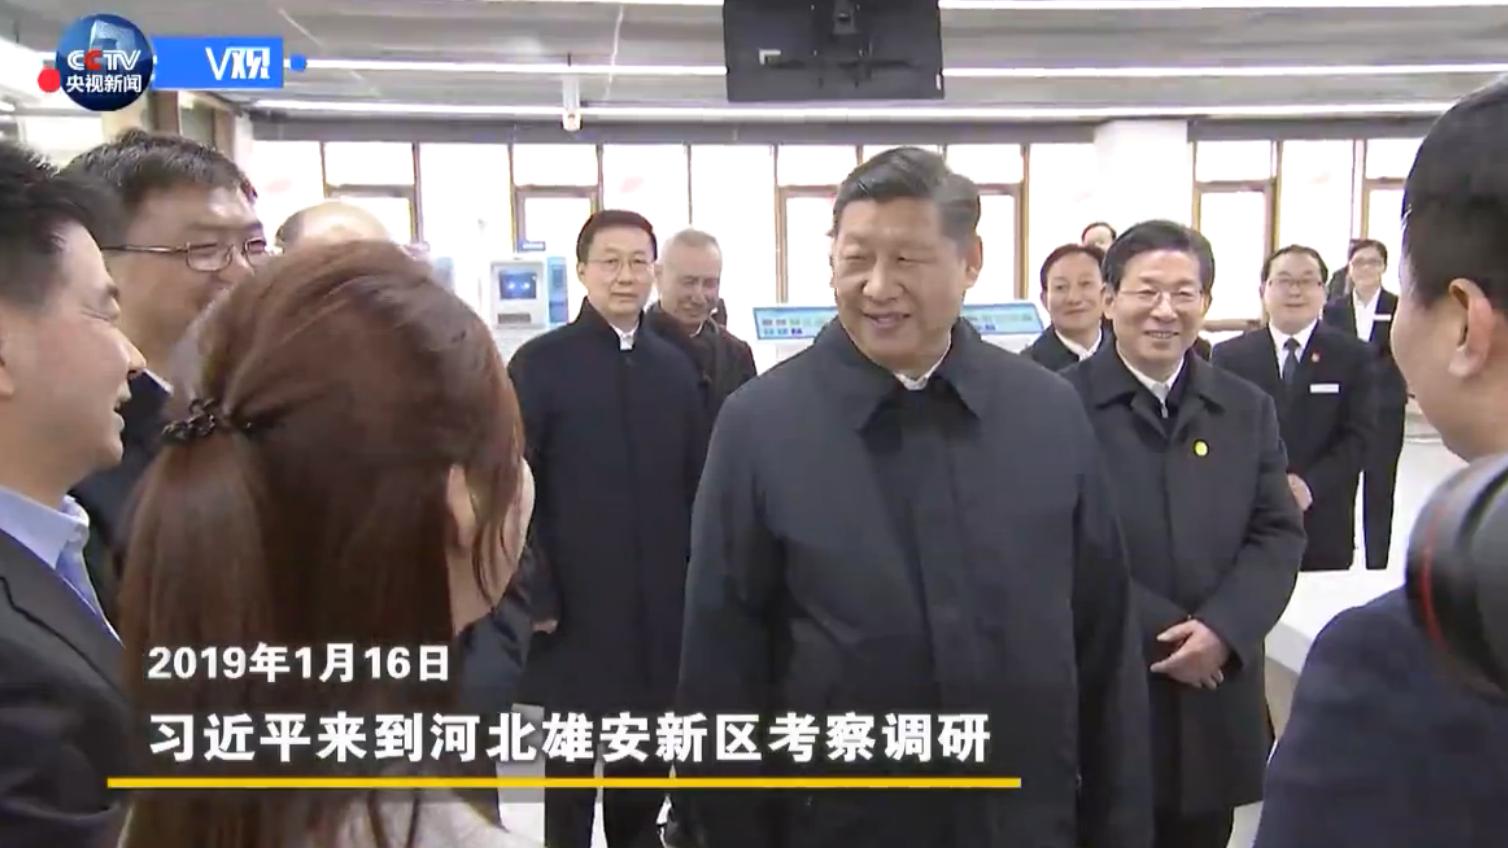 【视频】习近平:希望你们把握雄安千载难逢的发展机会